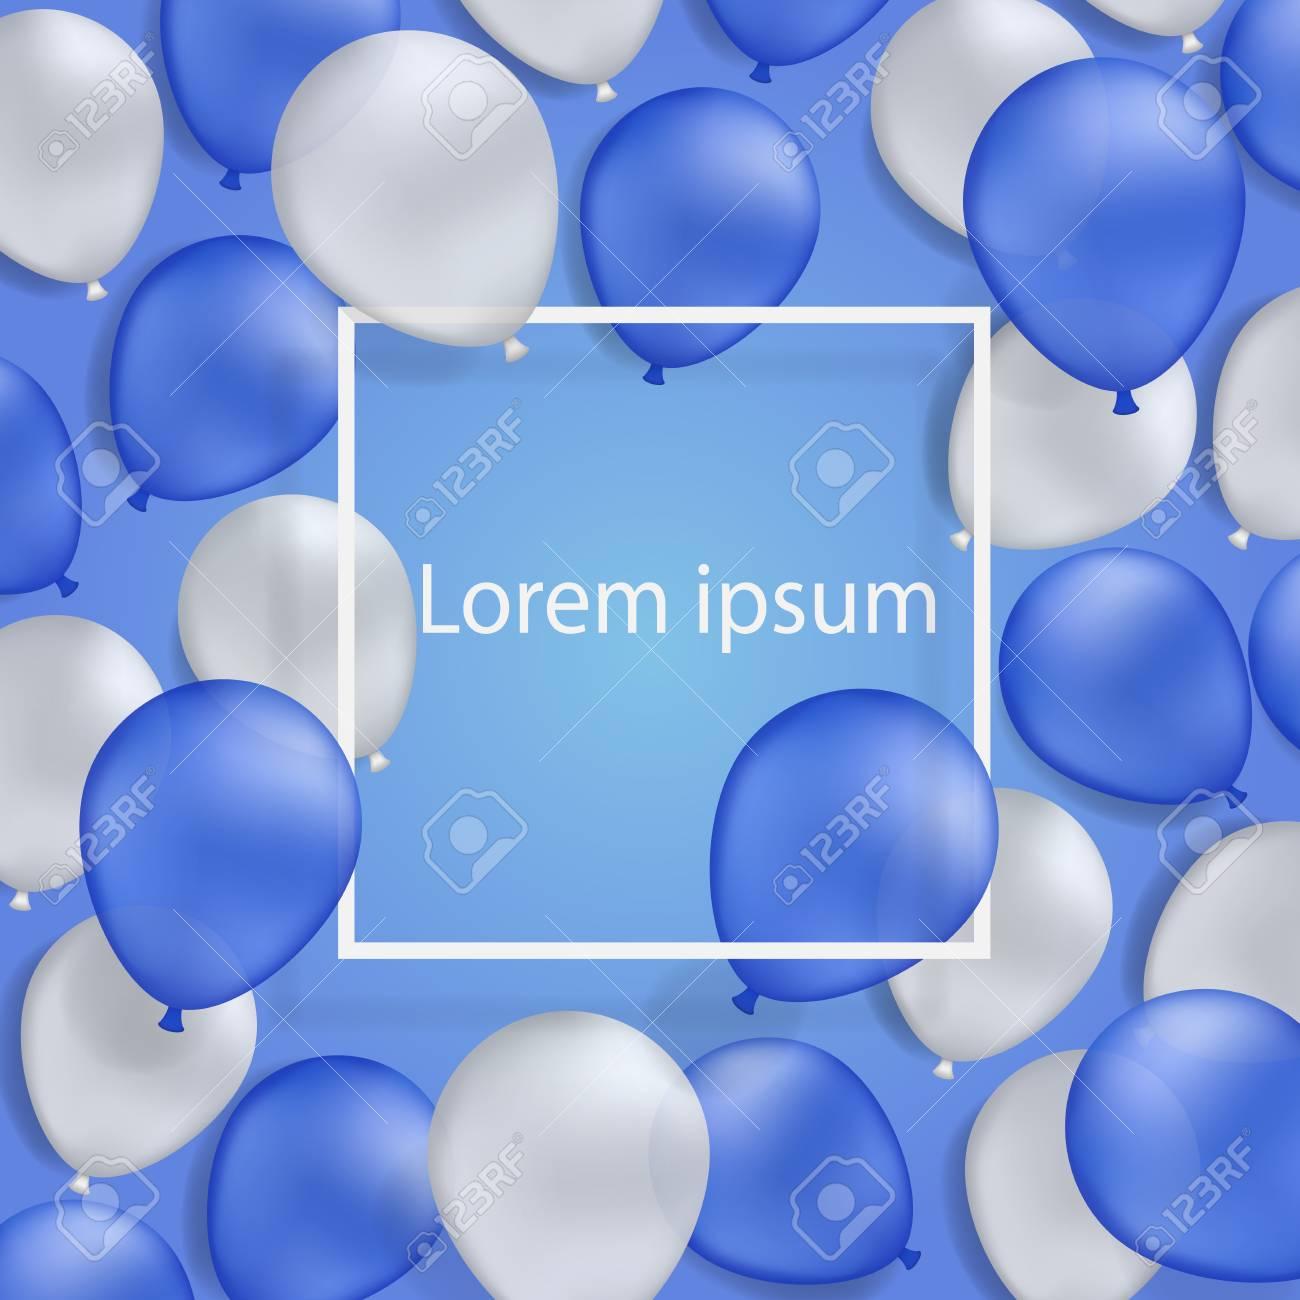 Weißer Und Blauer Hintergrund Des Ballons Mit Weißem Rahmen. Sie ...